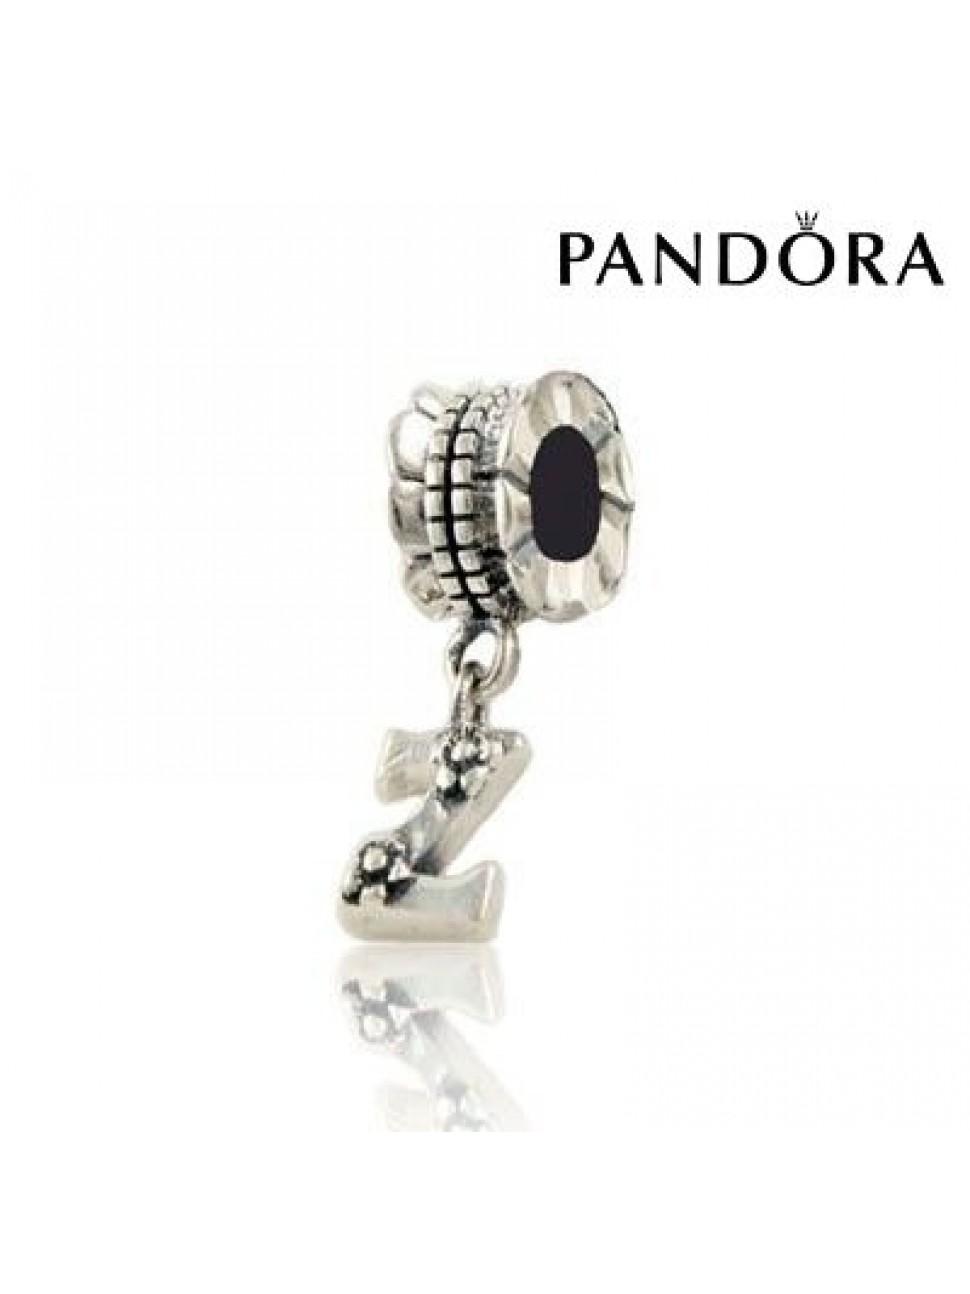 pandora charms z